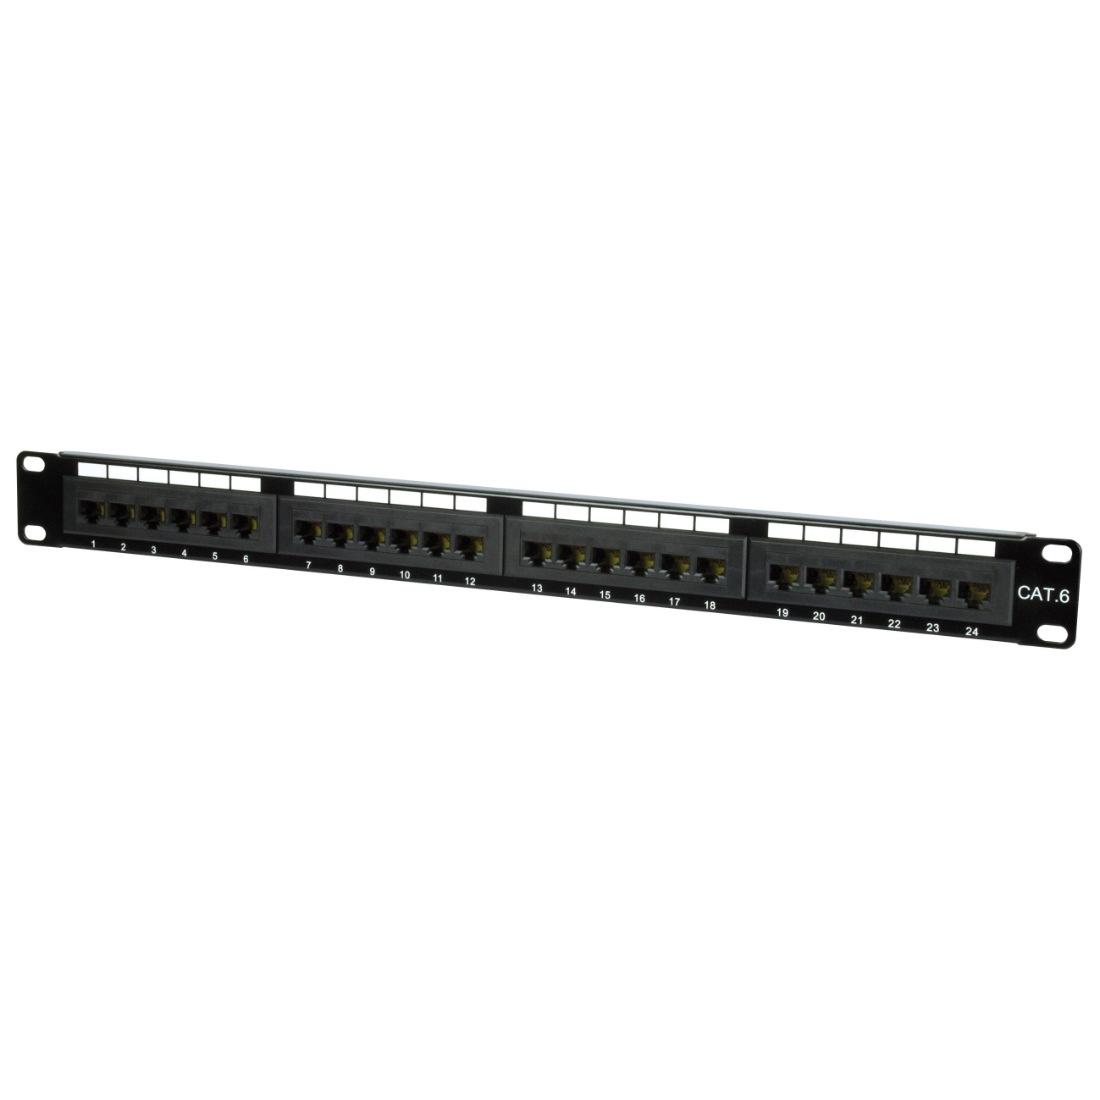 cat 6 patch panel cable management